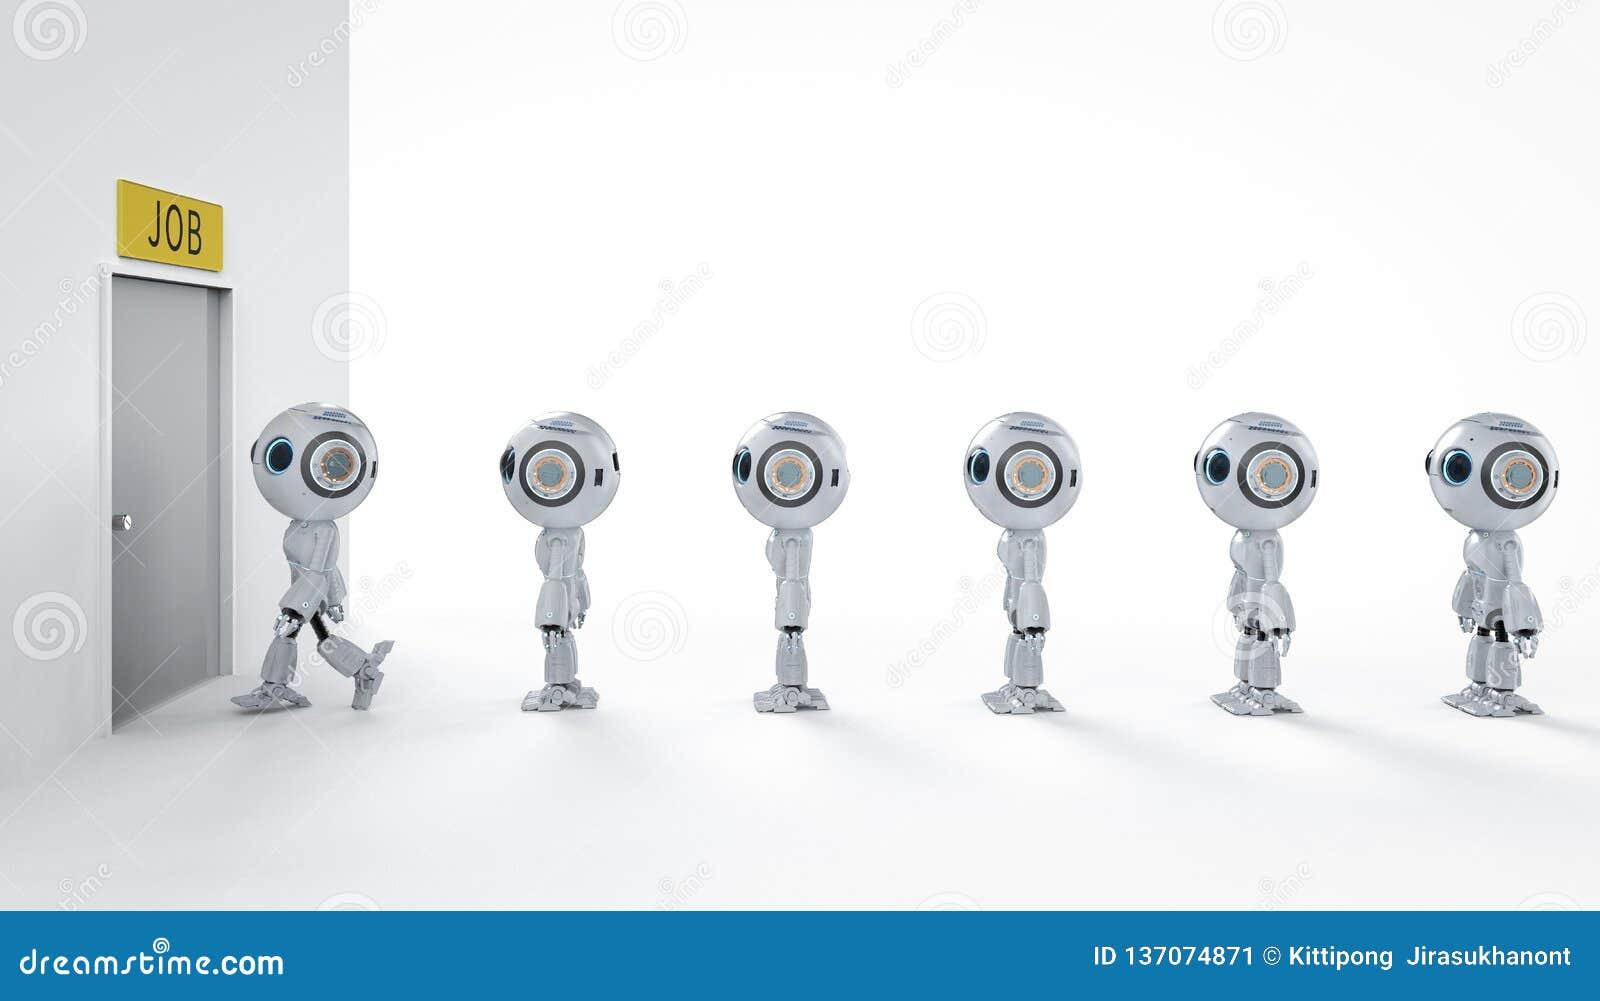 Robot replace human job